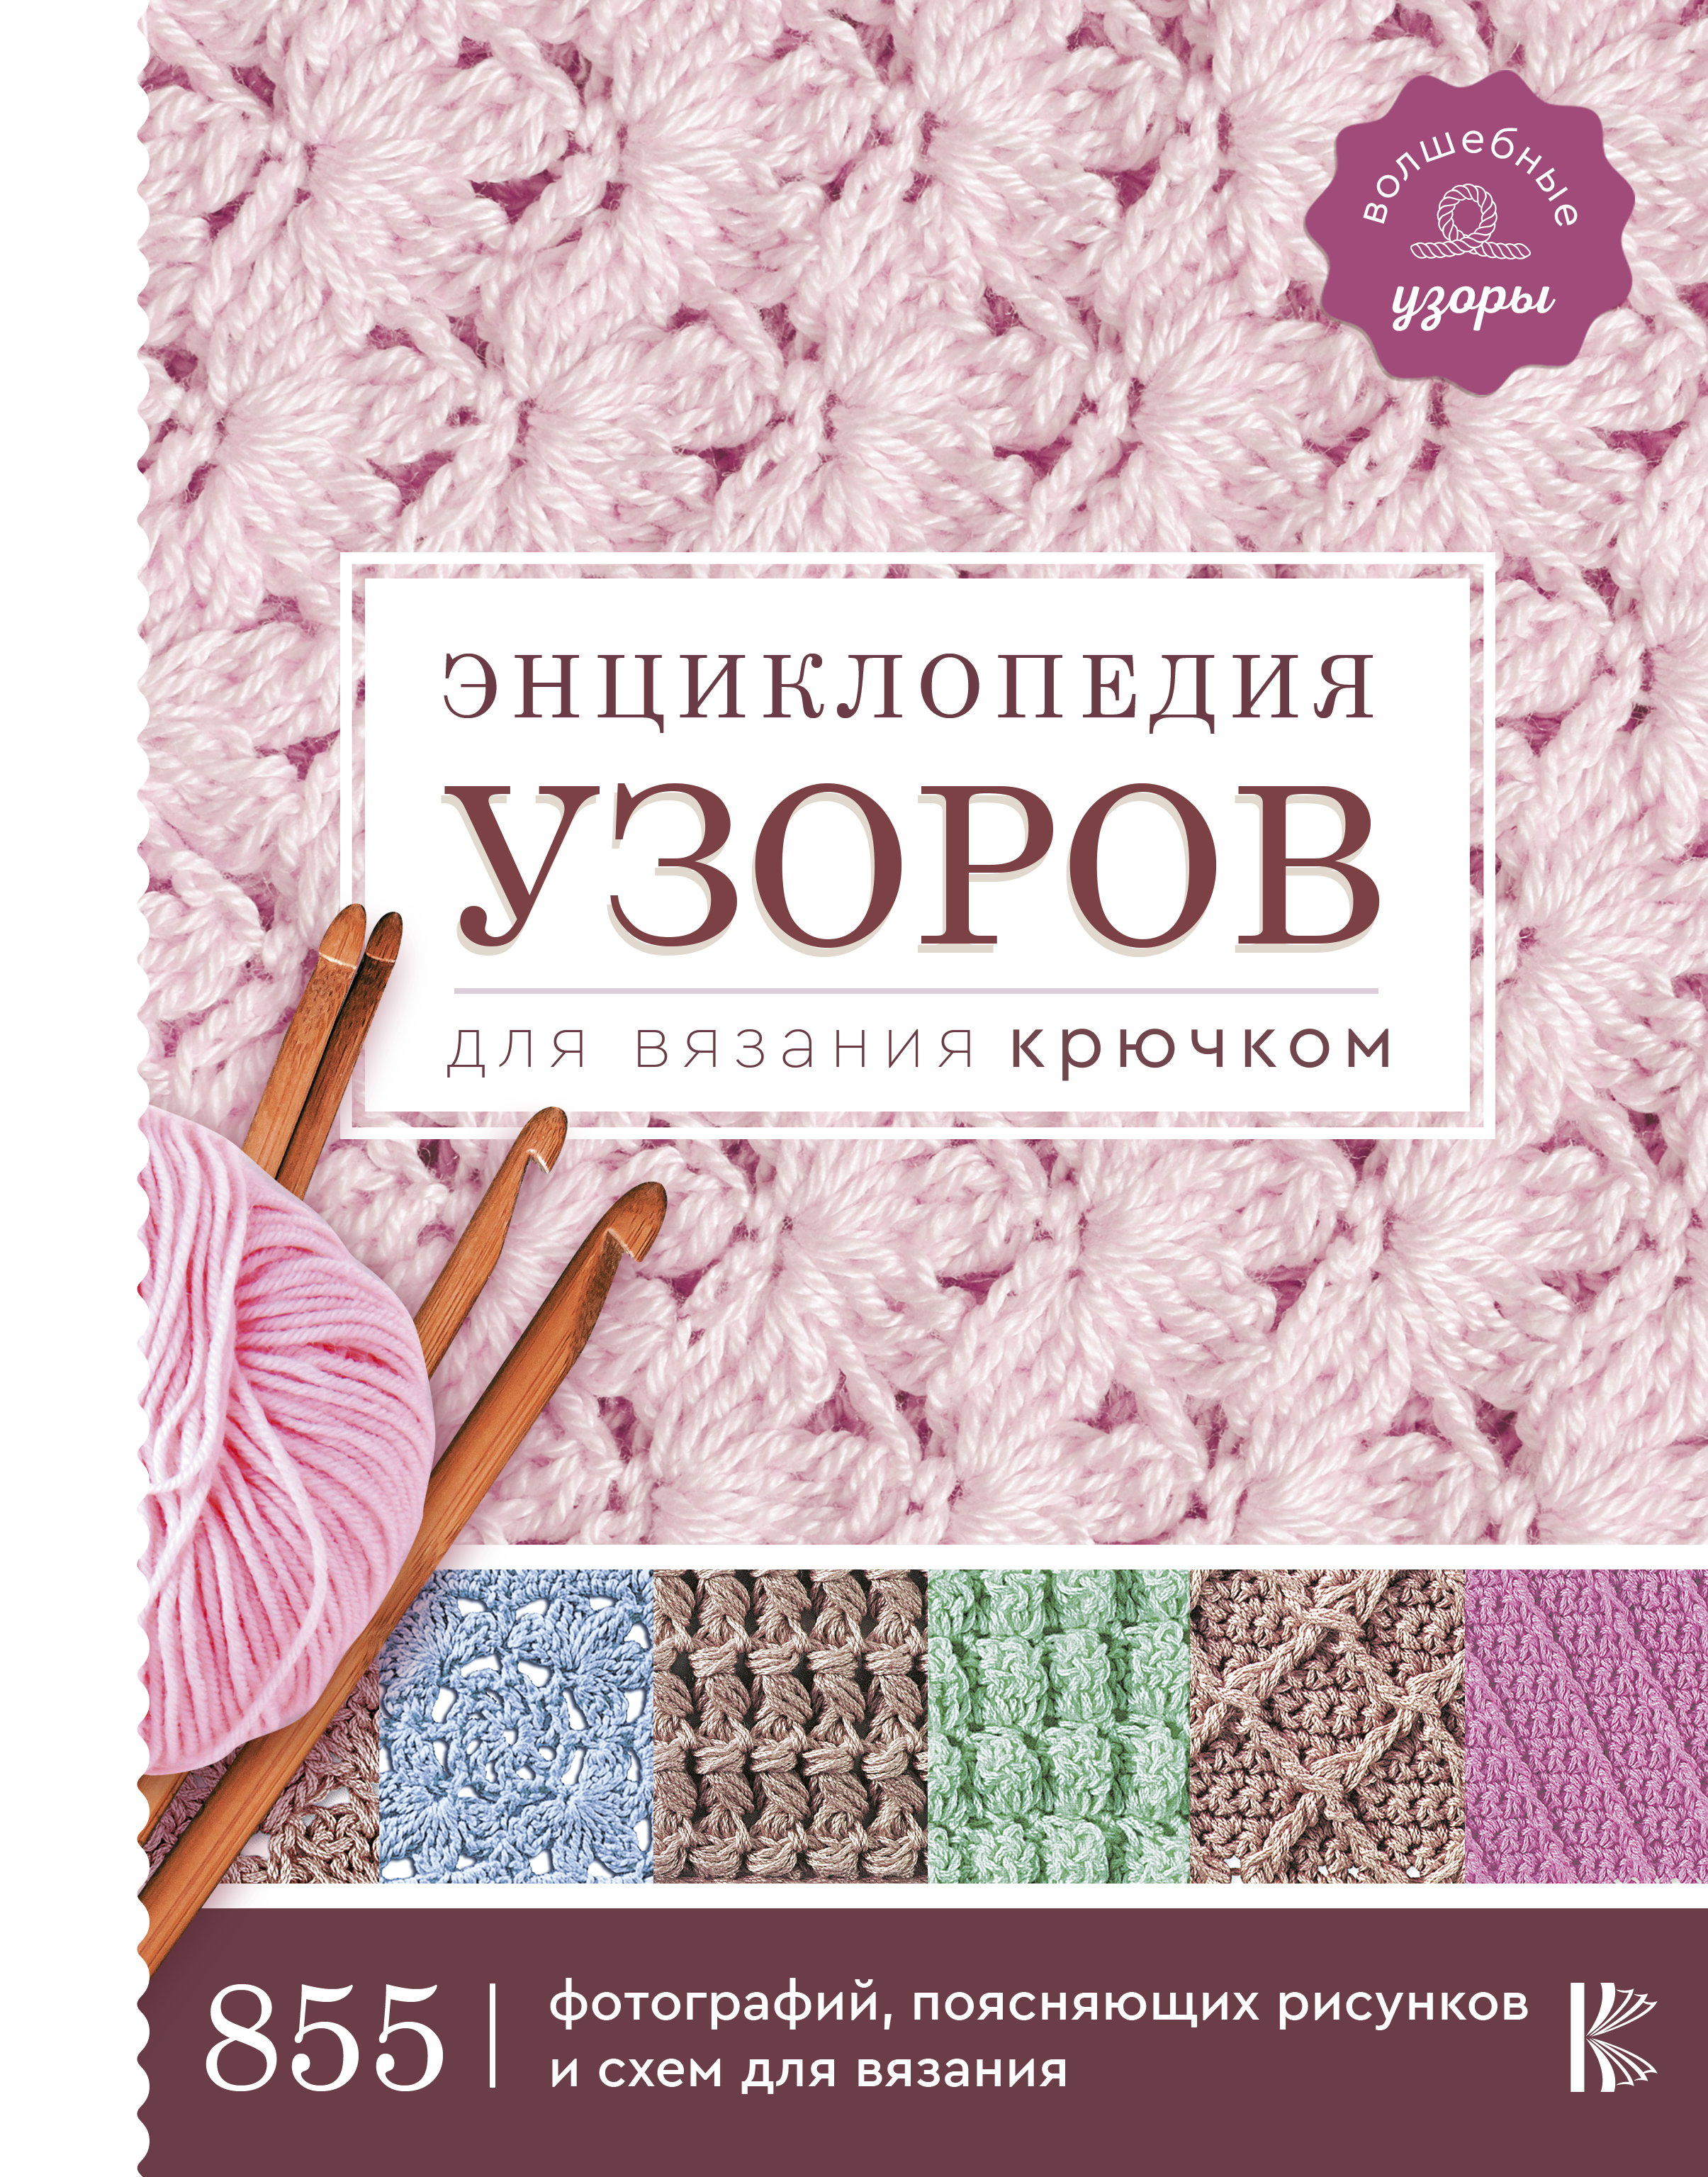 Энциклопедия узоров для вязания крючком книги по узором для вязания крючком